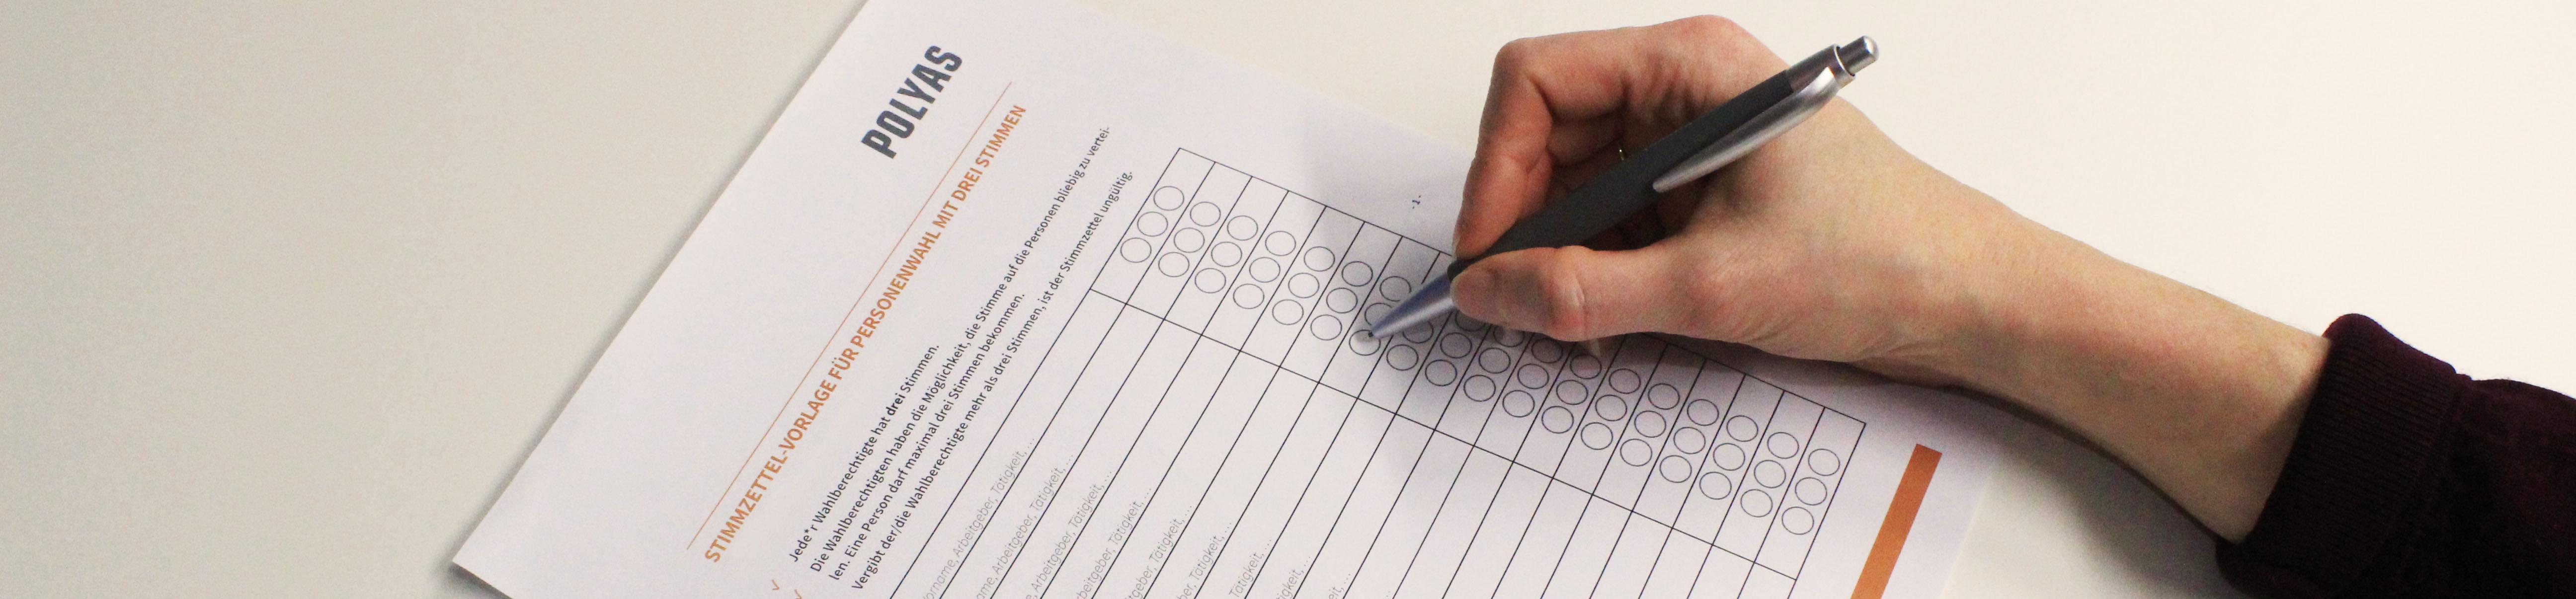 Laden Sie sich eine kostenlose Stimmzettel-Vorlage für Ihre Vertreterwahl in der Genossenschaft herunter